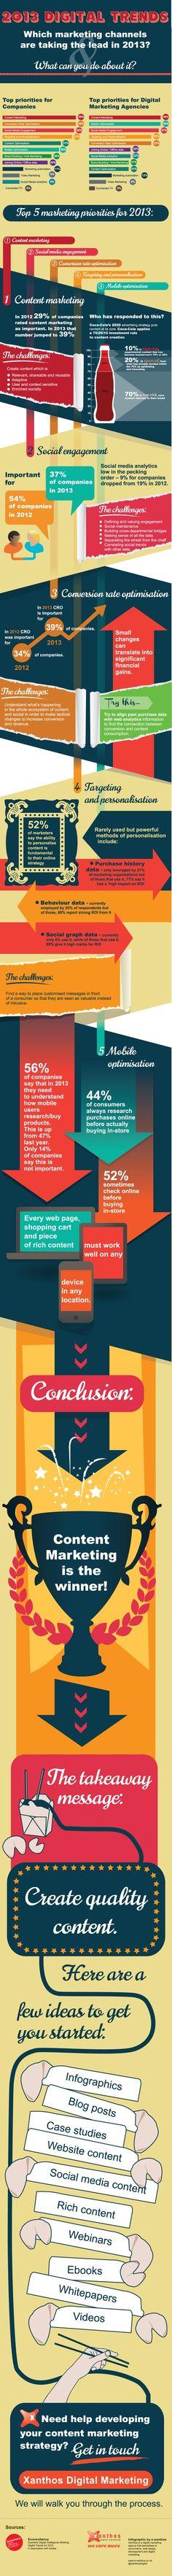 Les tendances du #Marketing #Digital en #2013 ( #Infographie ).